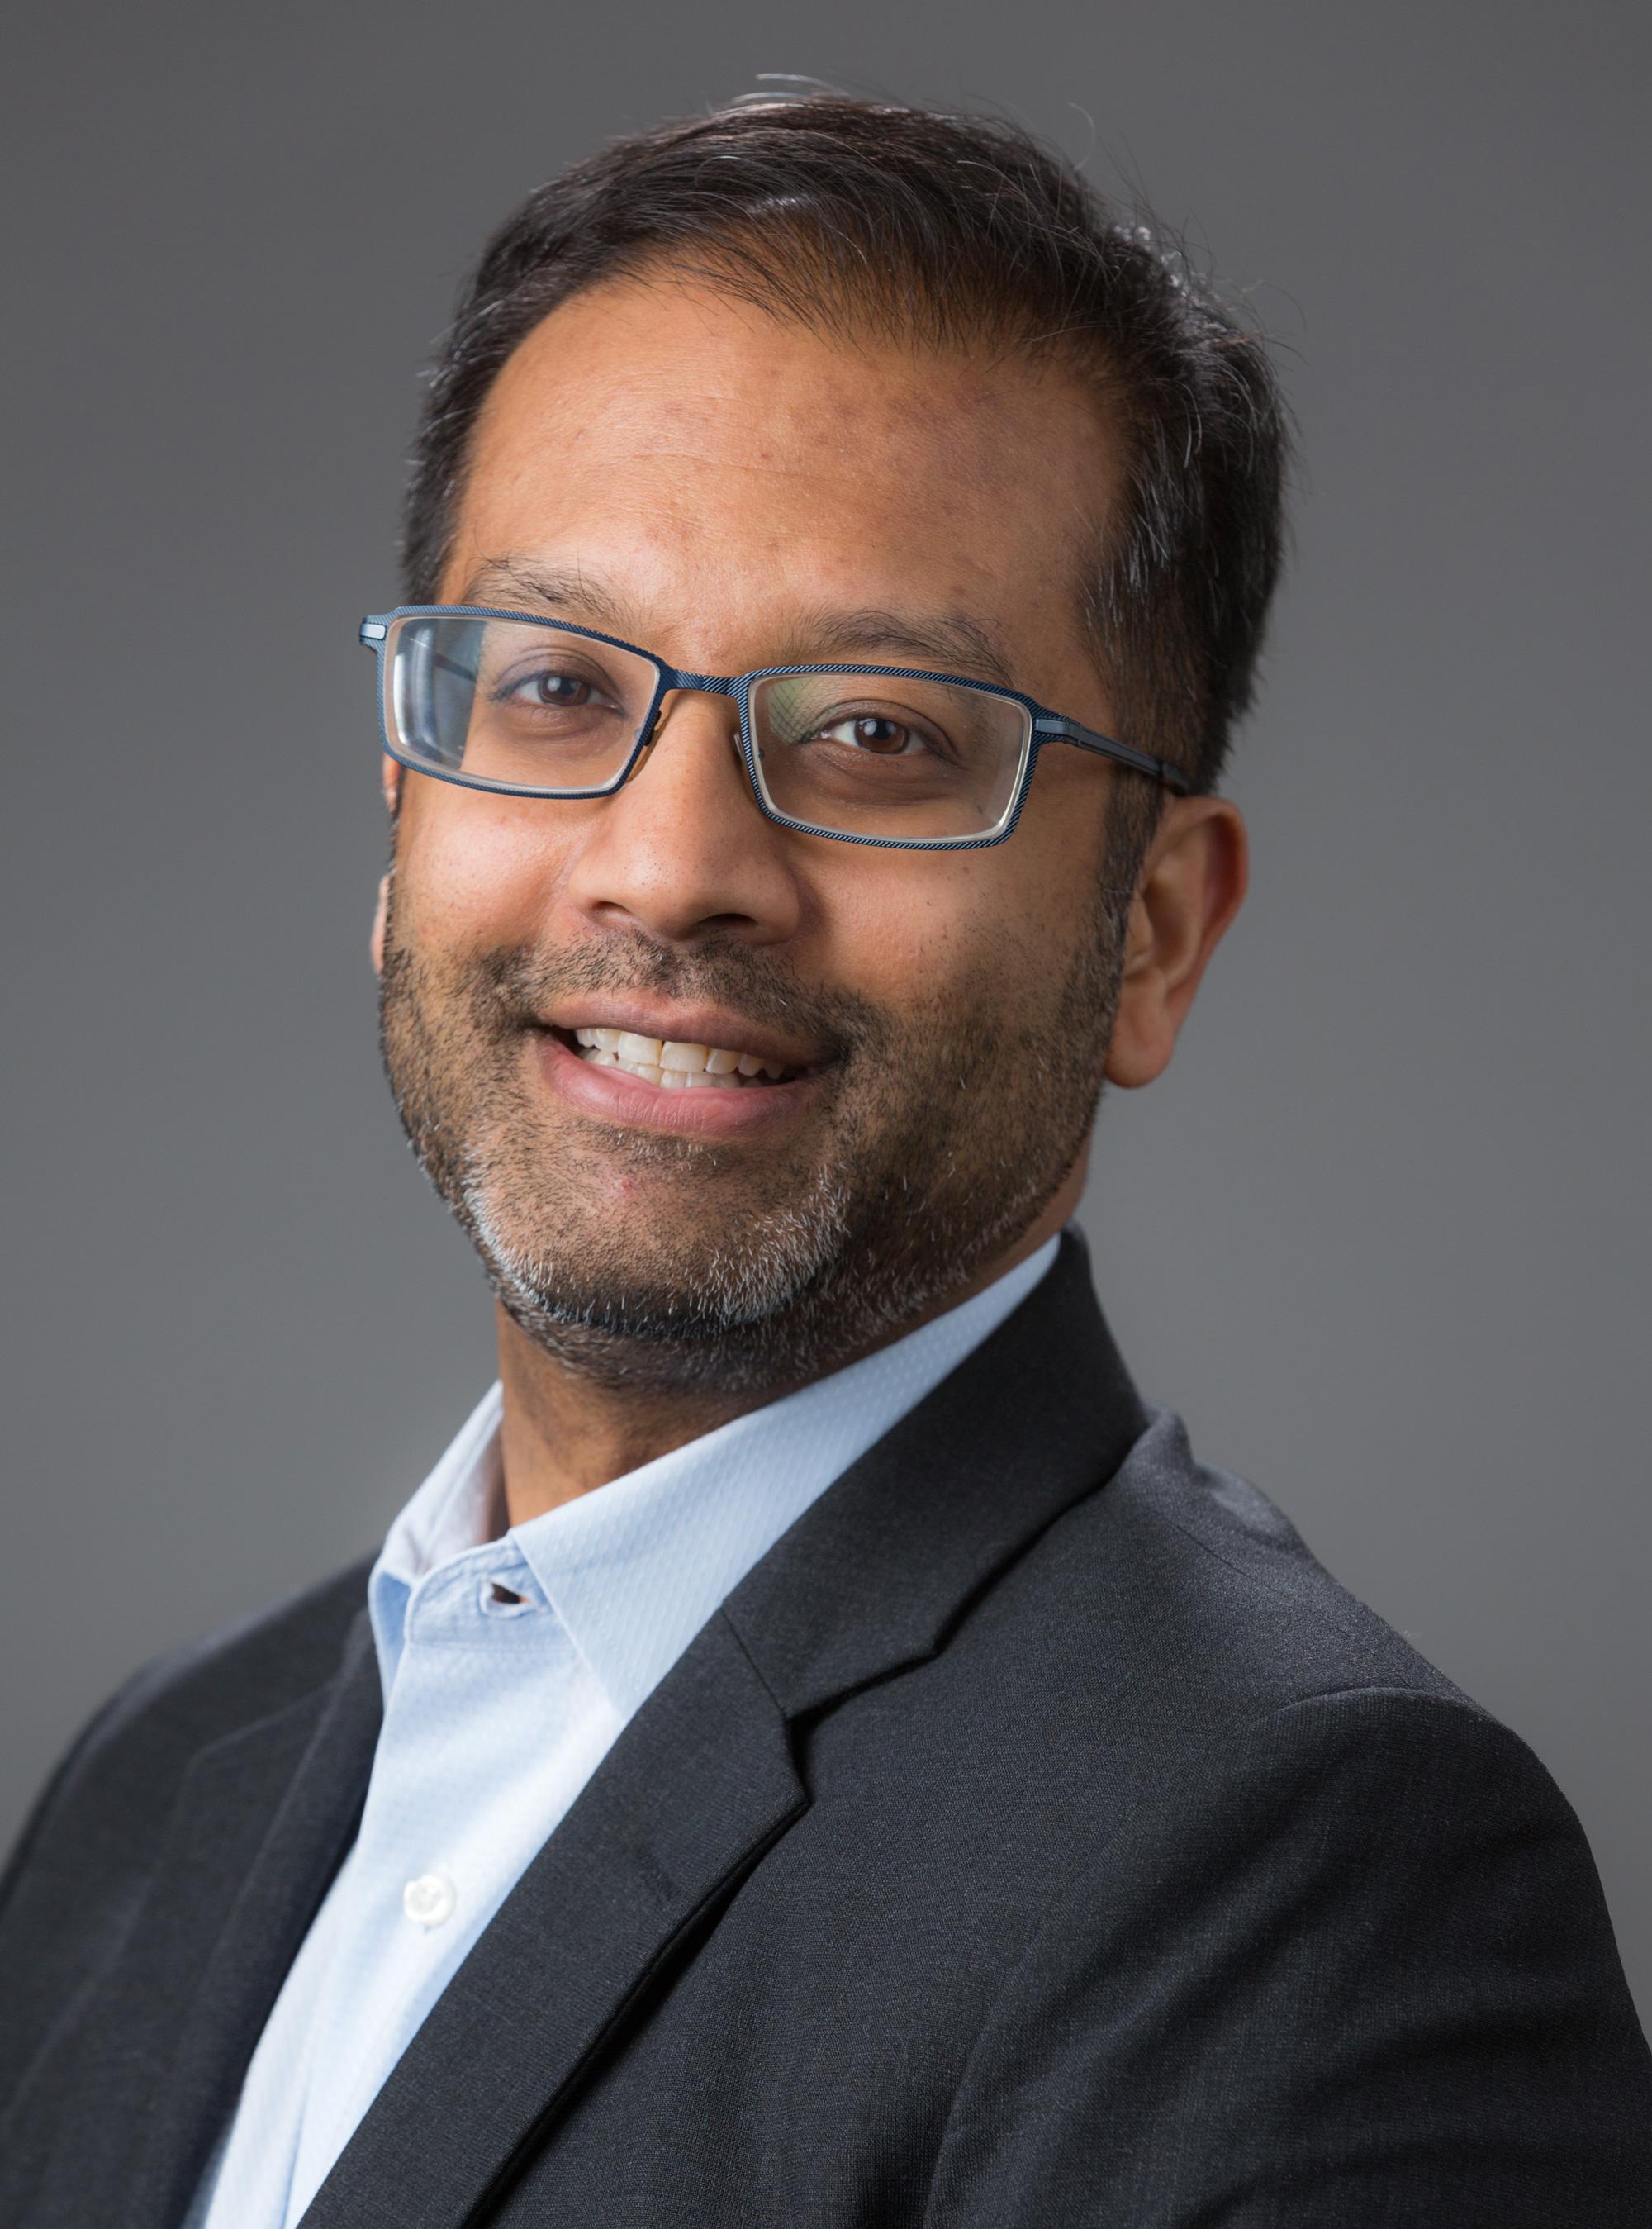 Samit Dasgupta in a suit jacket against a dark background